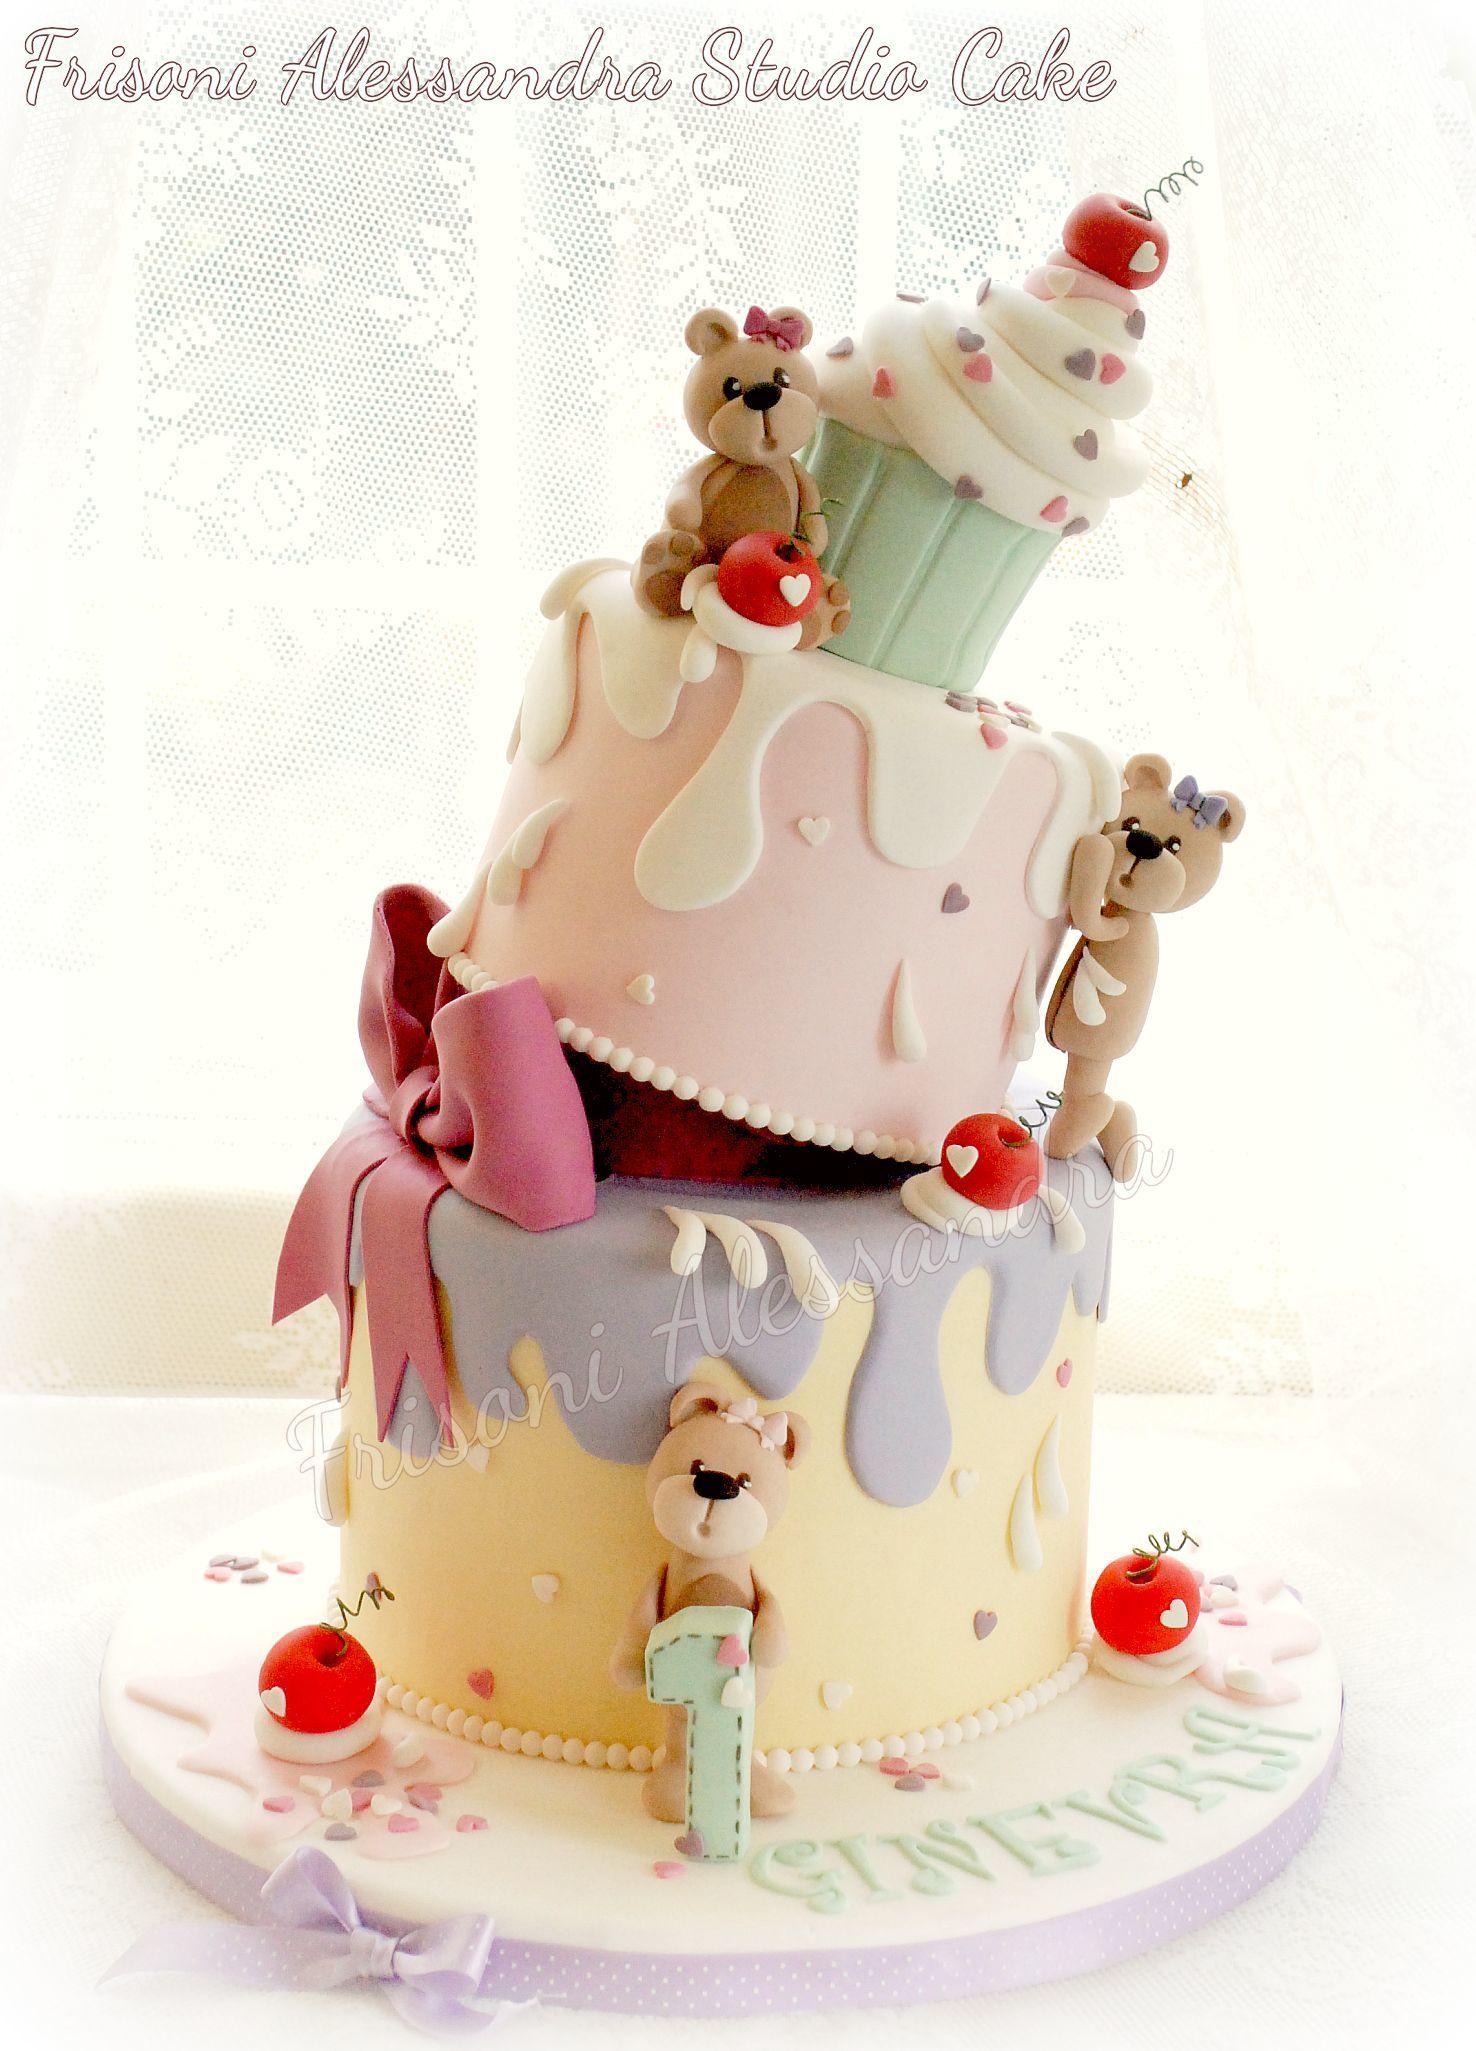 Topsy Turvy Baby Cake